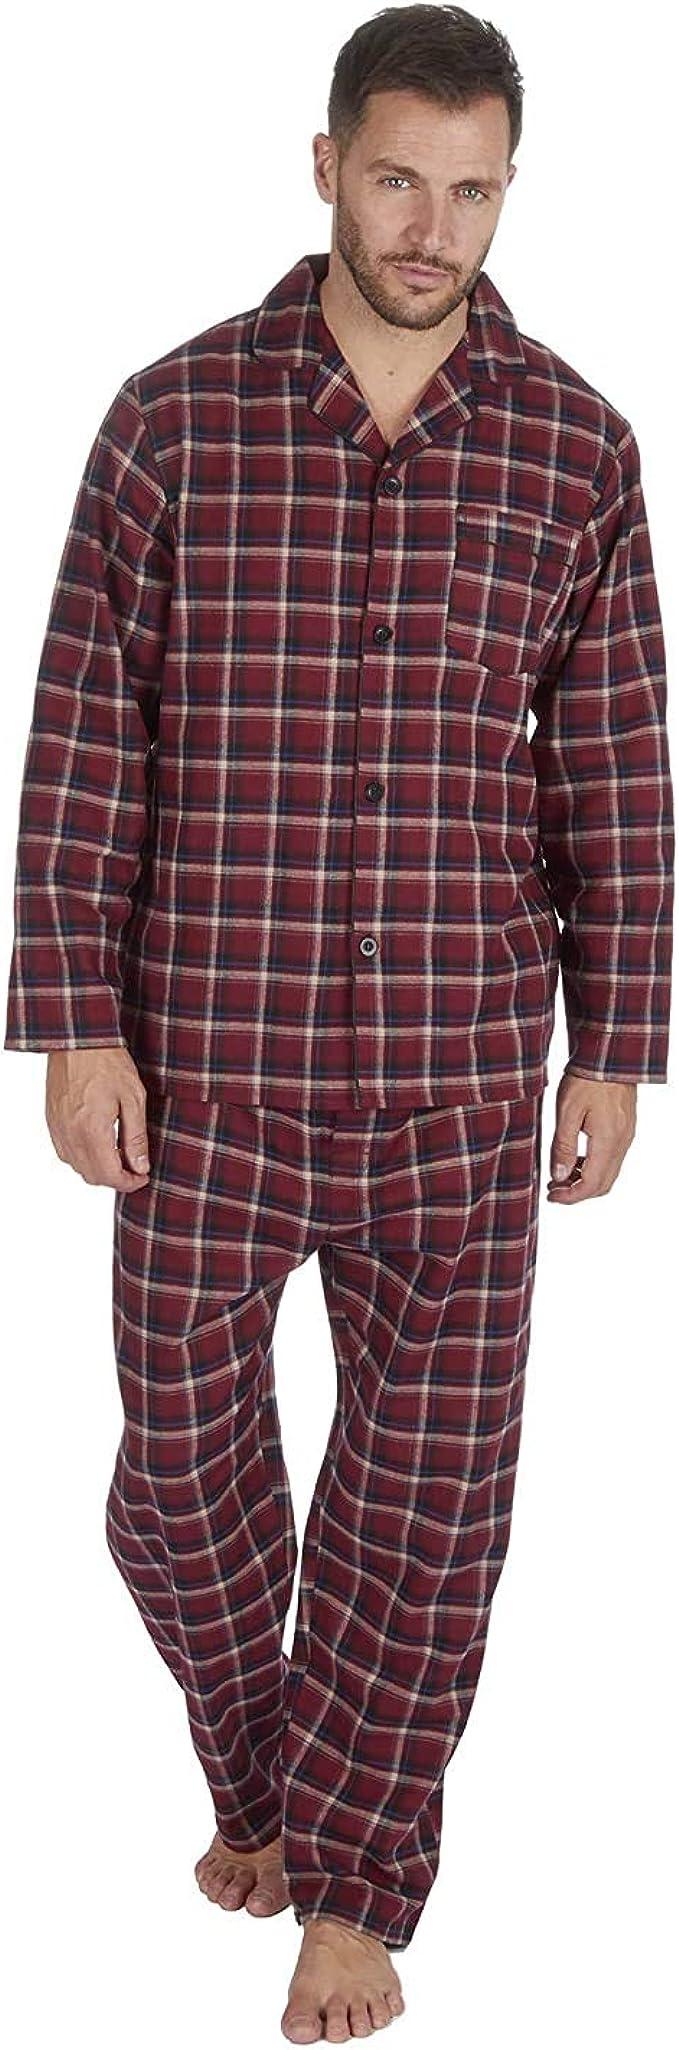 Insignia Hombre Hilos Teñidos 100% Algodón Puro Franela Pijamas